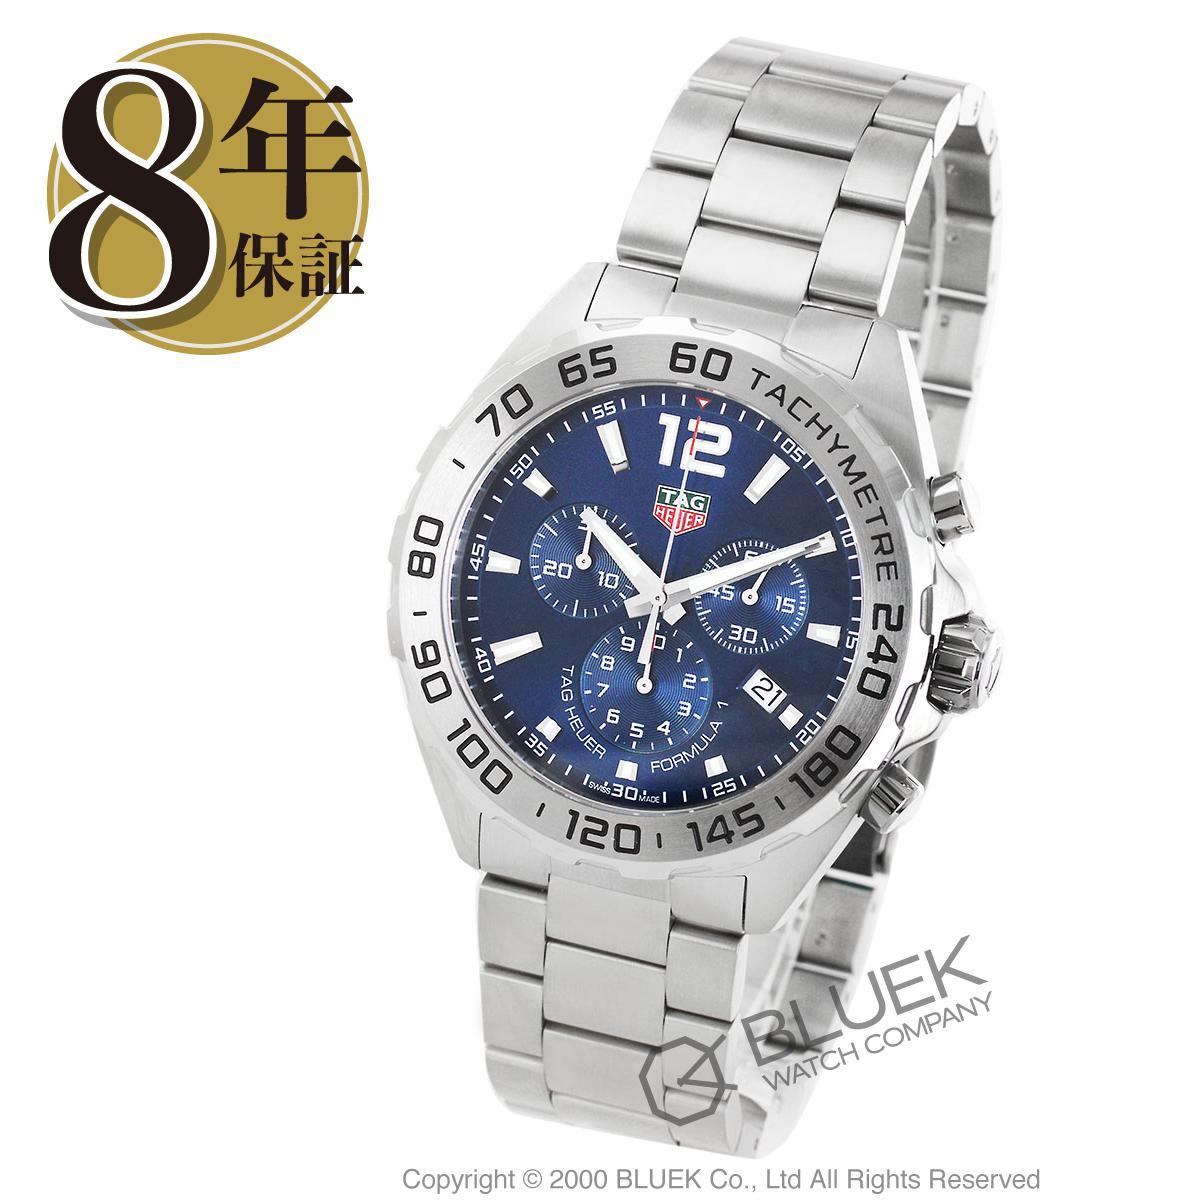 タグホイヤー フォーミュラ1 クロノグラフ 腕時計 メンズ TAG Heuer CAZ101K.BA0842_8 バーゲン 成人祝い ギフト プレゼント